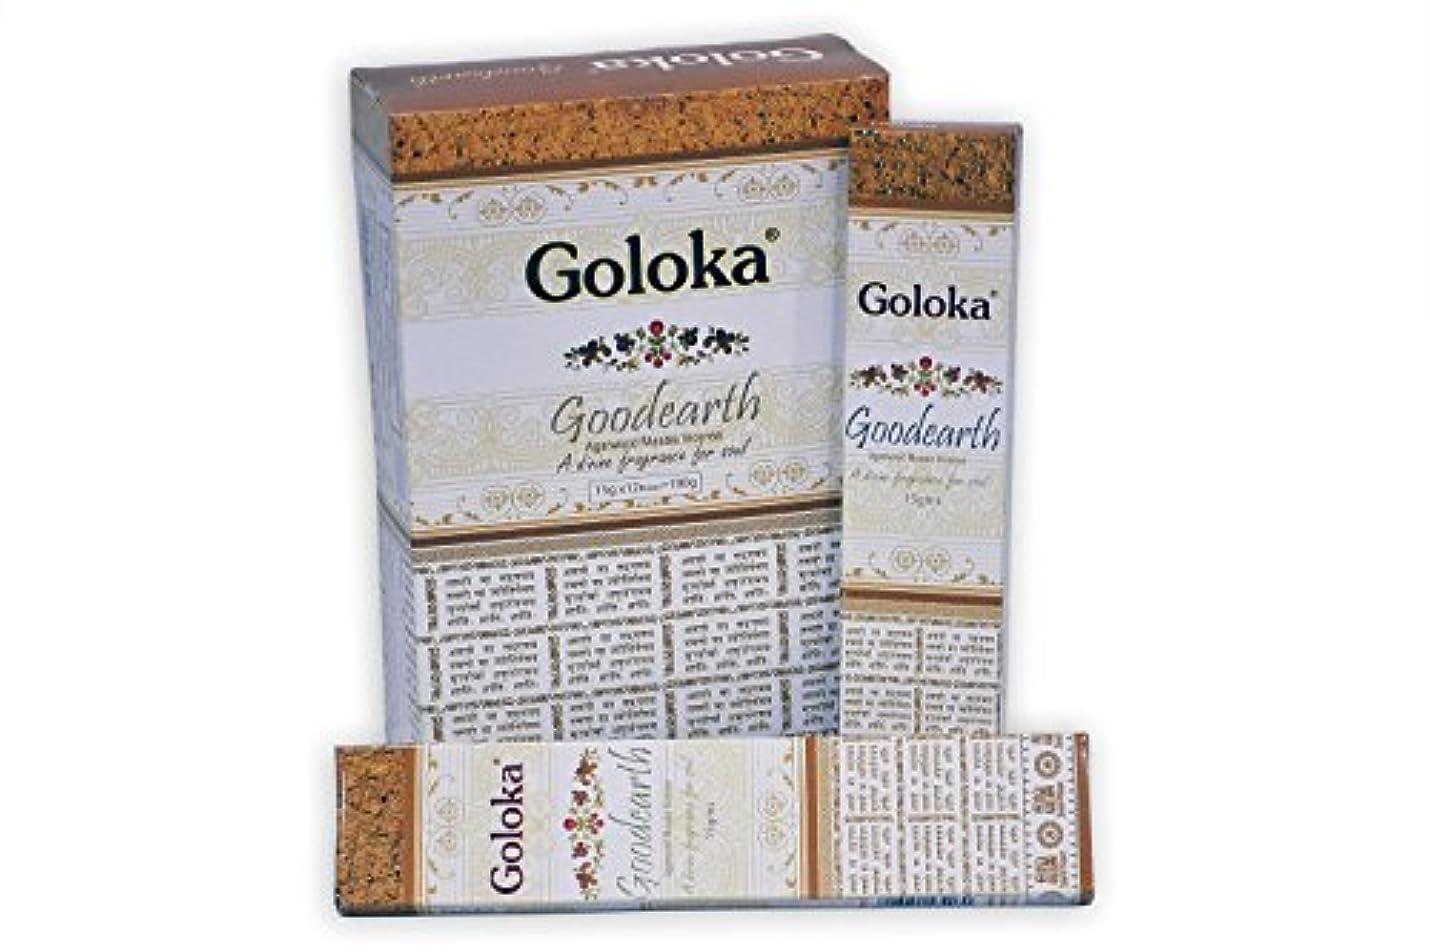 おもしろいバレエピービッシュGolokaプレミアムシリーズコレクションHigh End Incense sticks- 6ボックスの15 gms (合計90 gms )